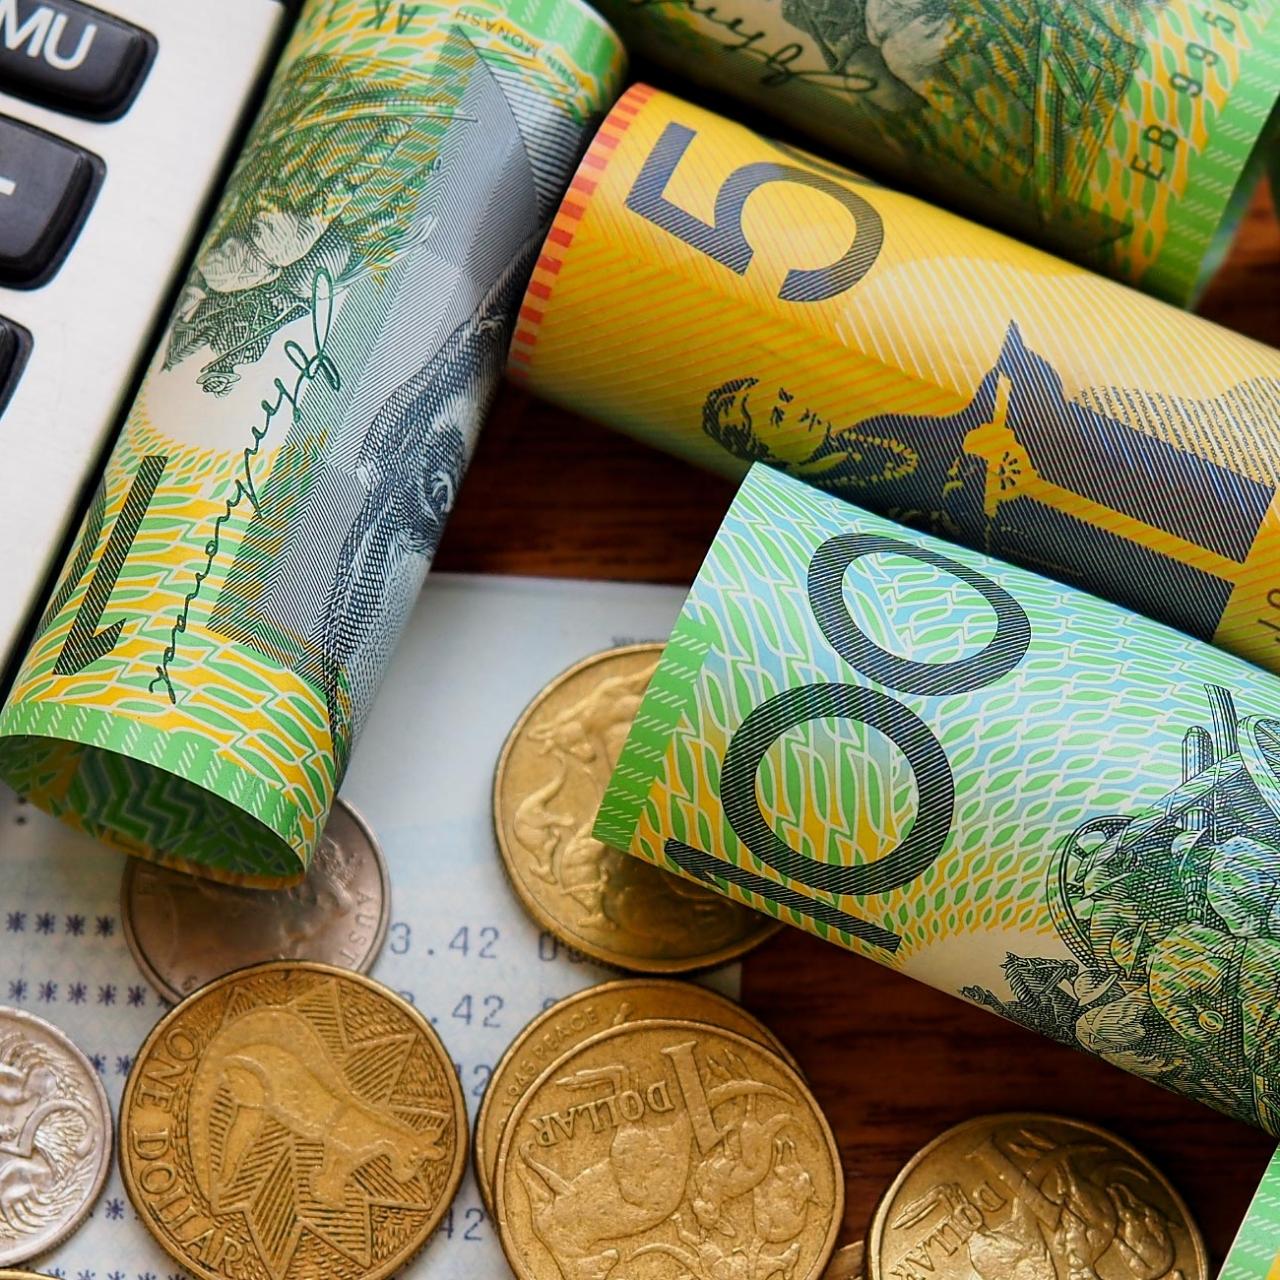 Designer Financial Services Debtor and Cashflow Finance